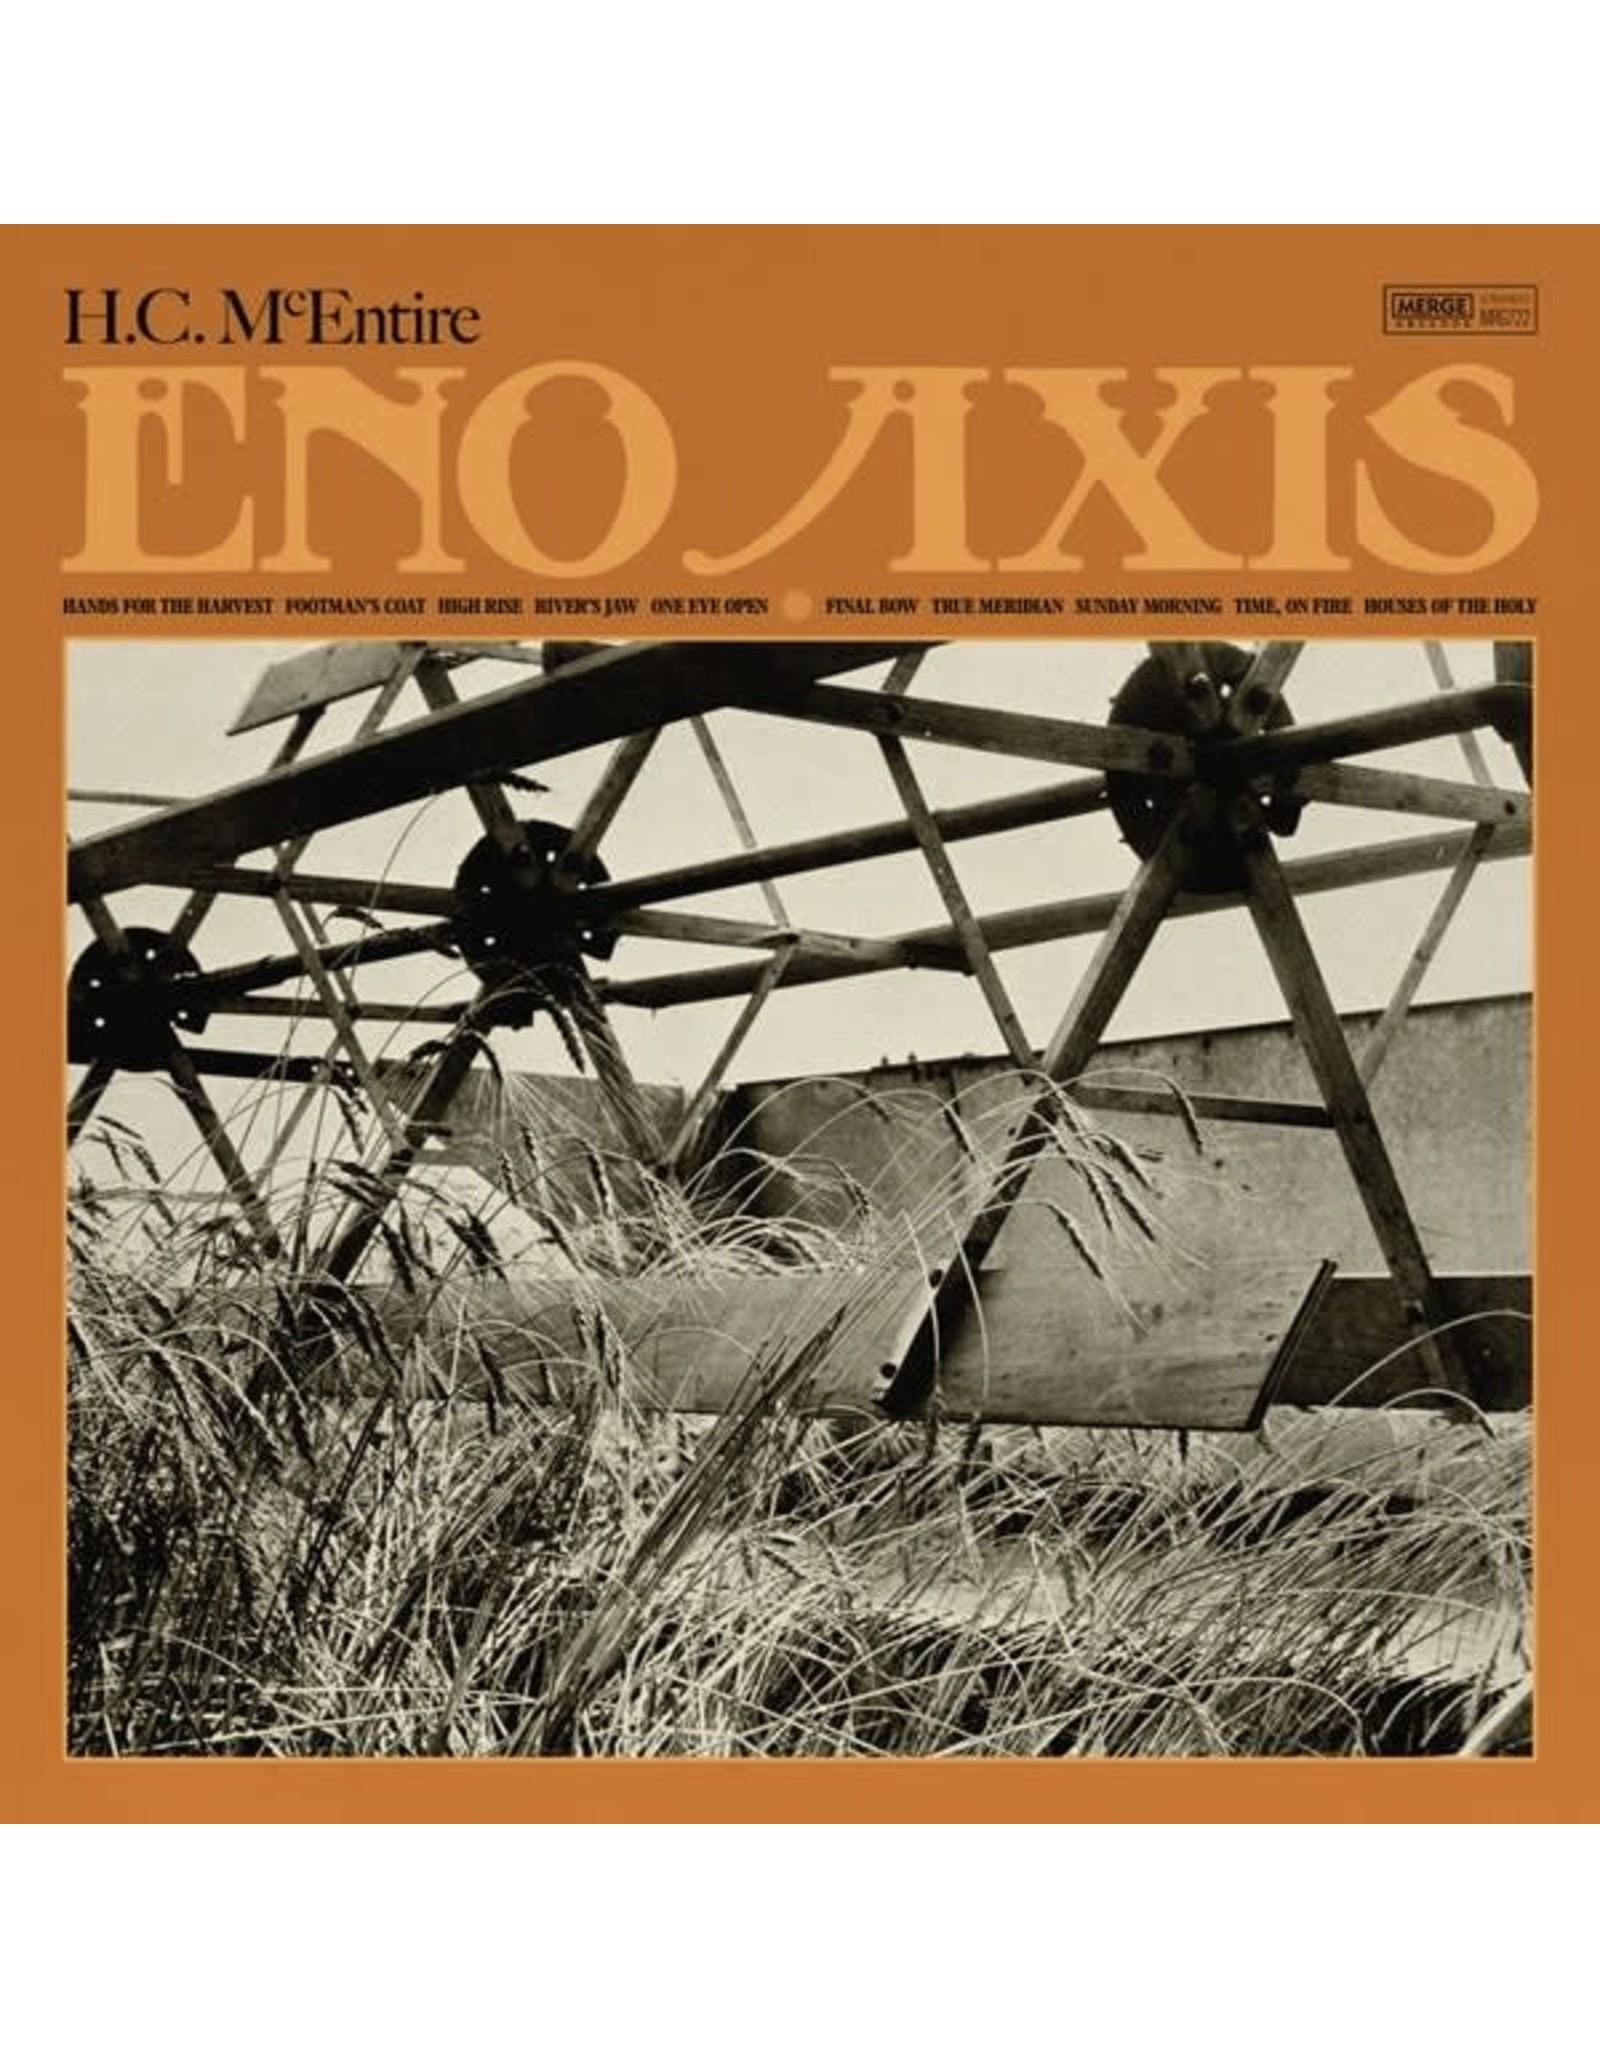 McEntire, H.C. - Eno Axis CD